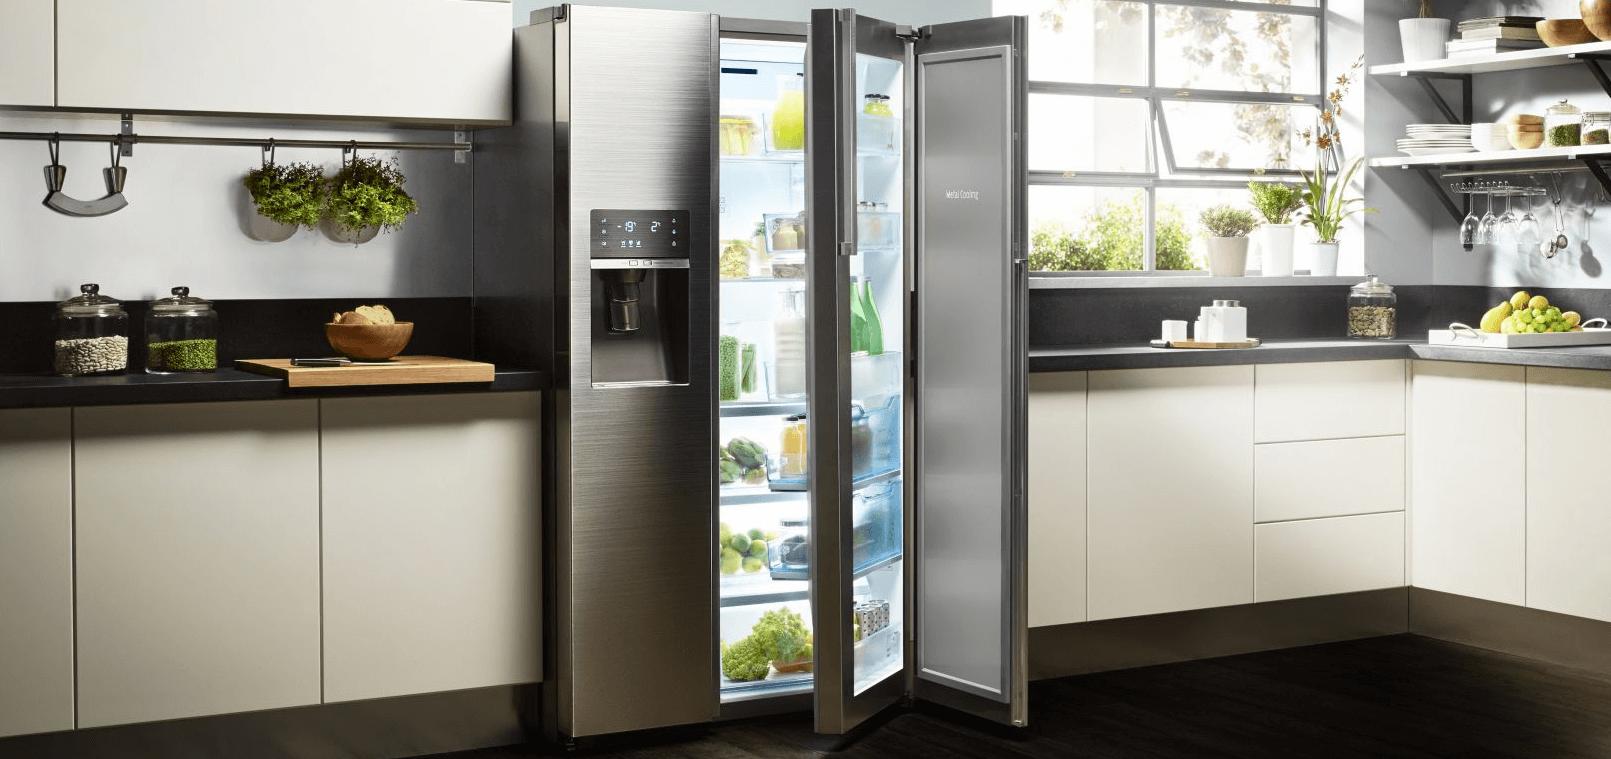 Comment utiliser un réfrigérateur américain